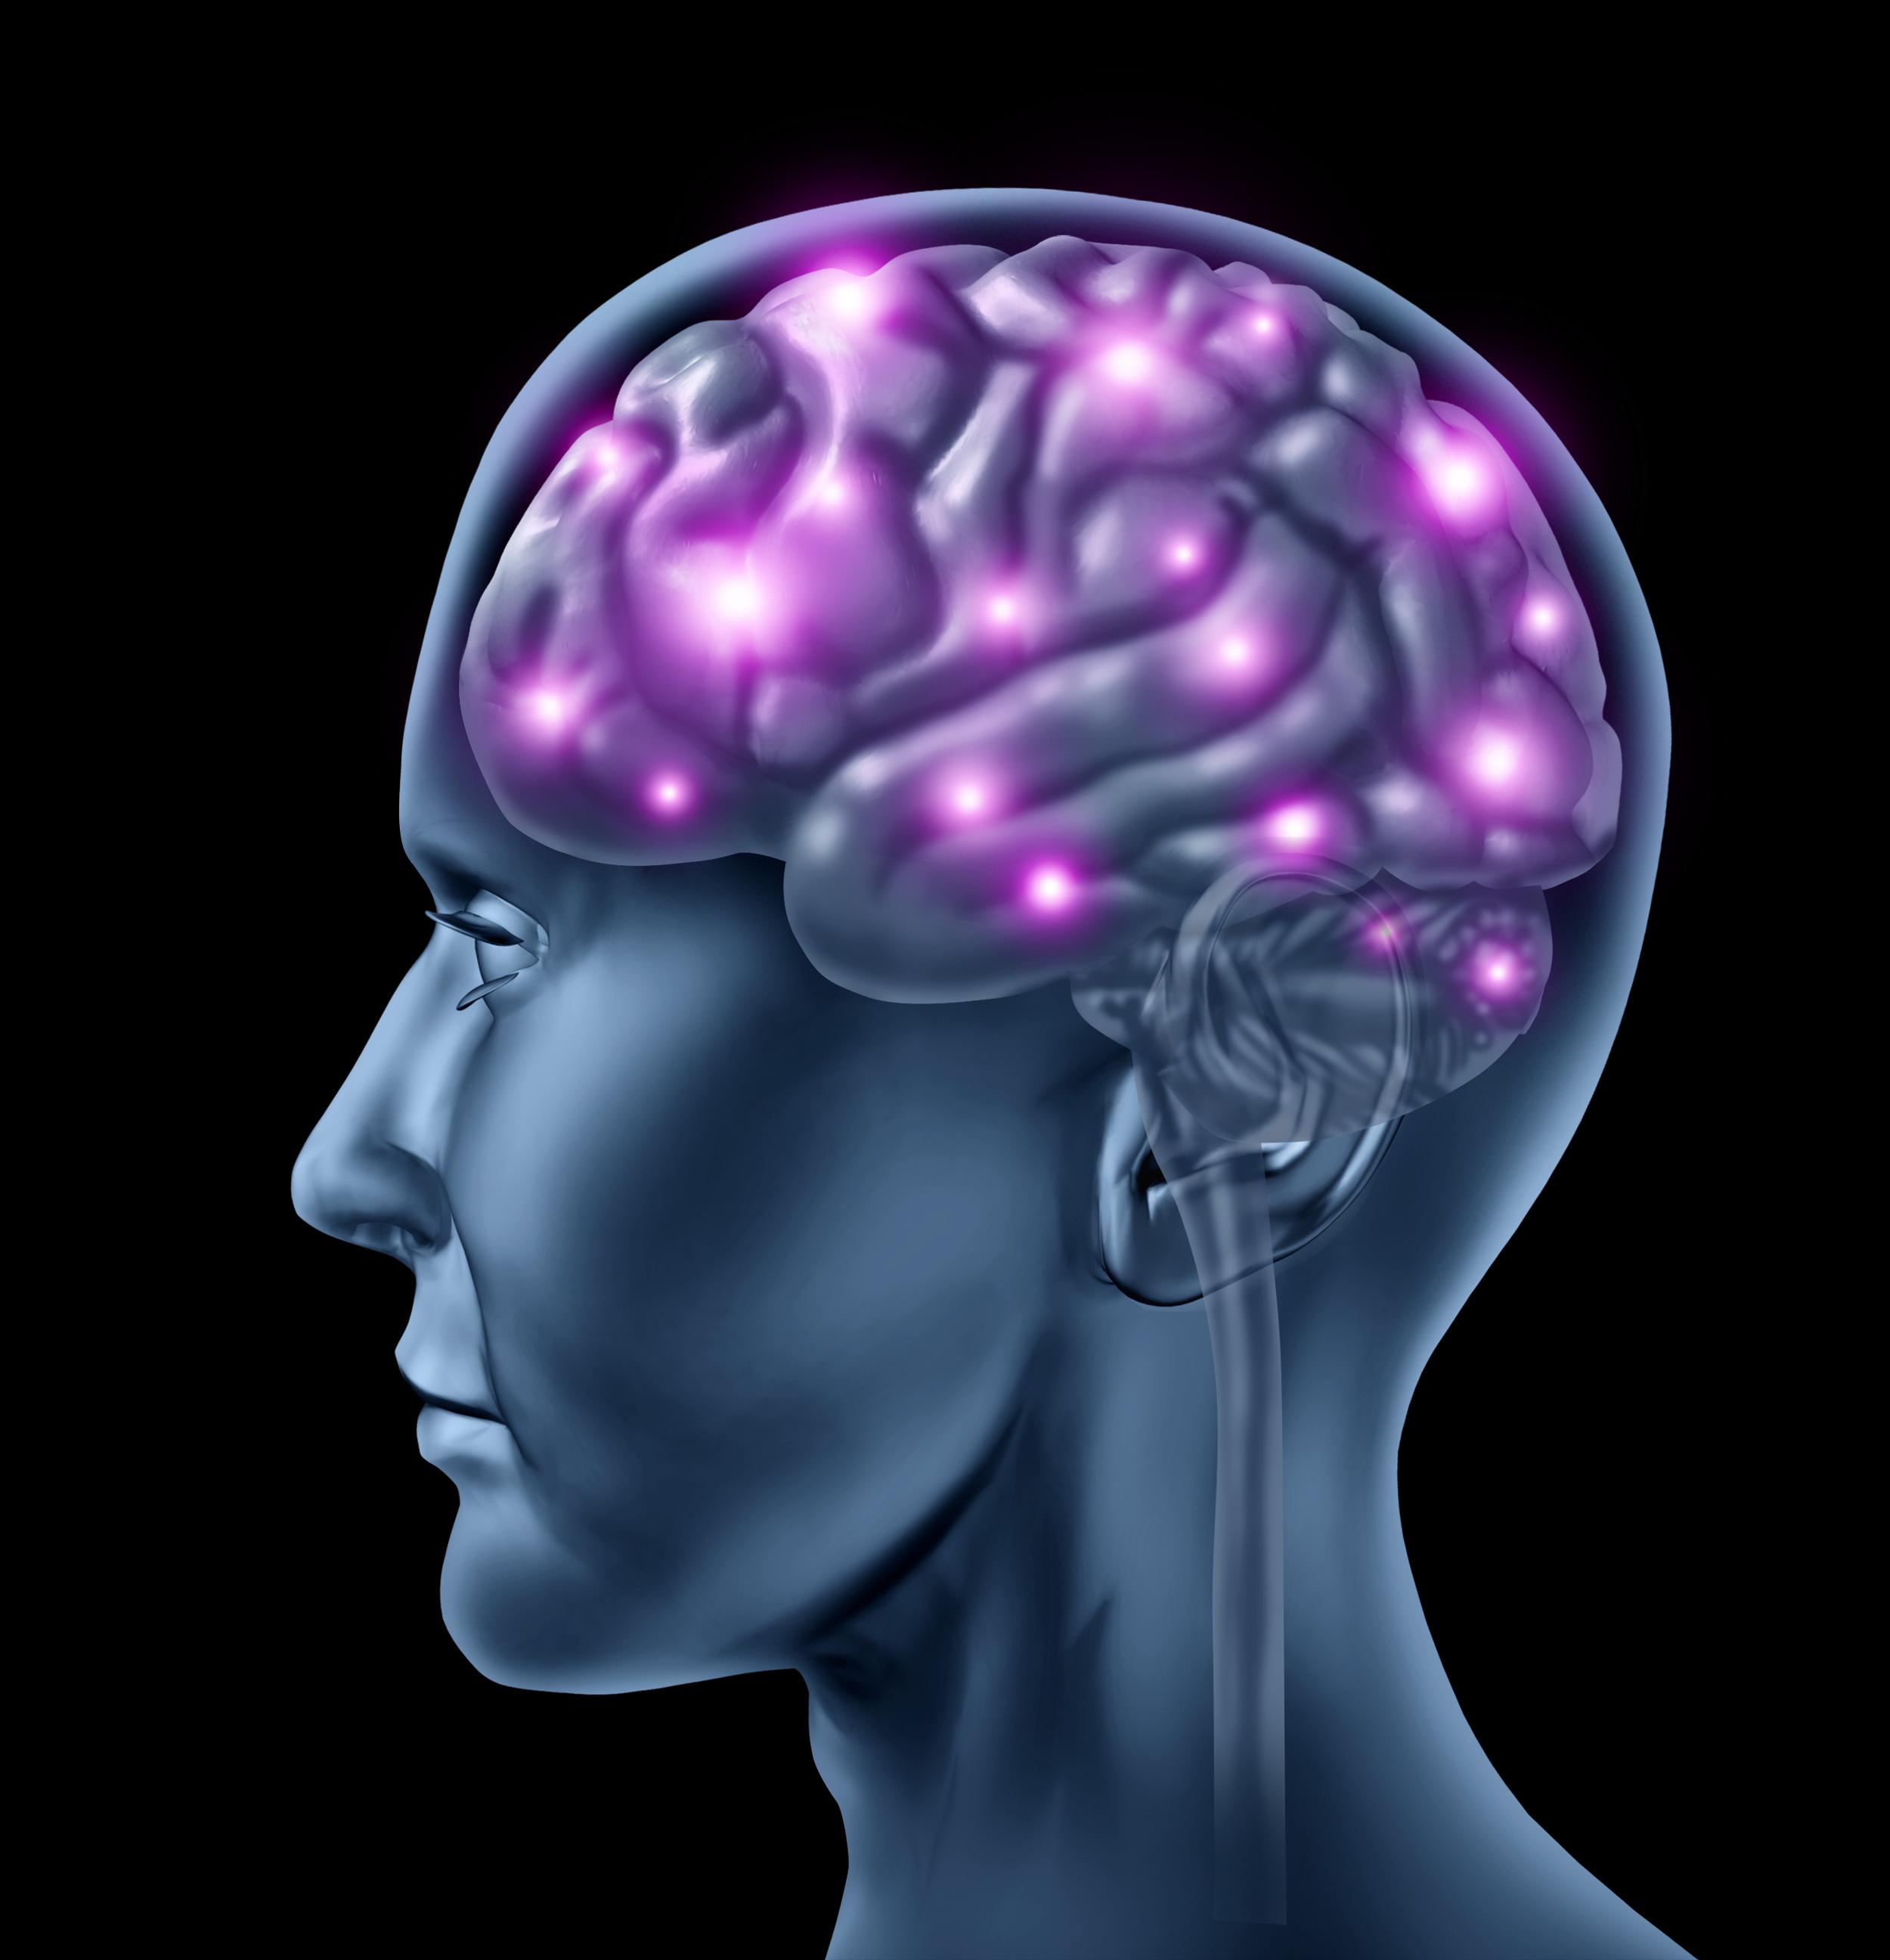 tinnitus-in-the-brain